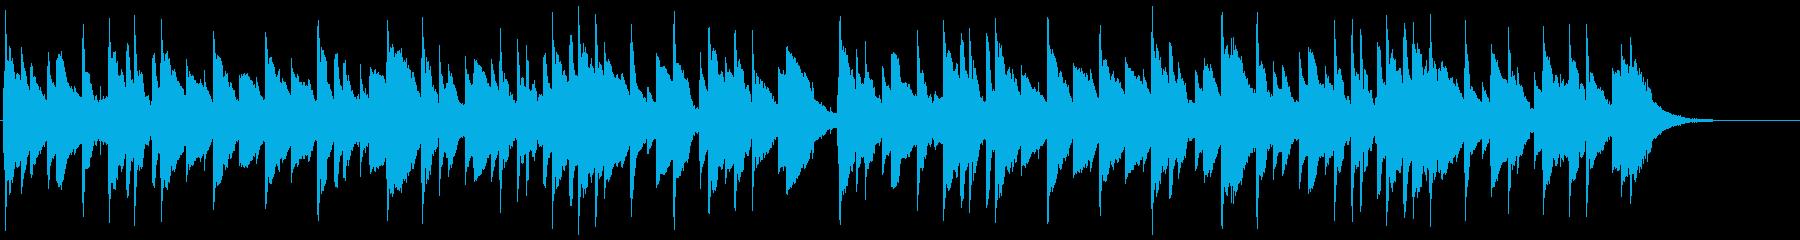 【童謡】雪(オルゴール)の再生済みの波形